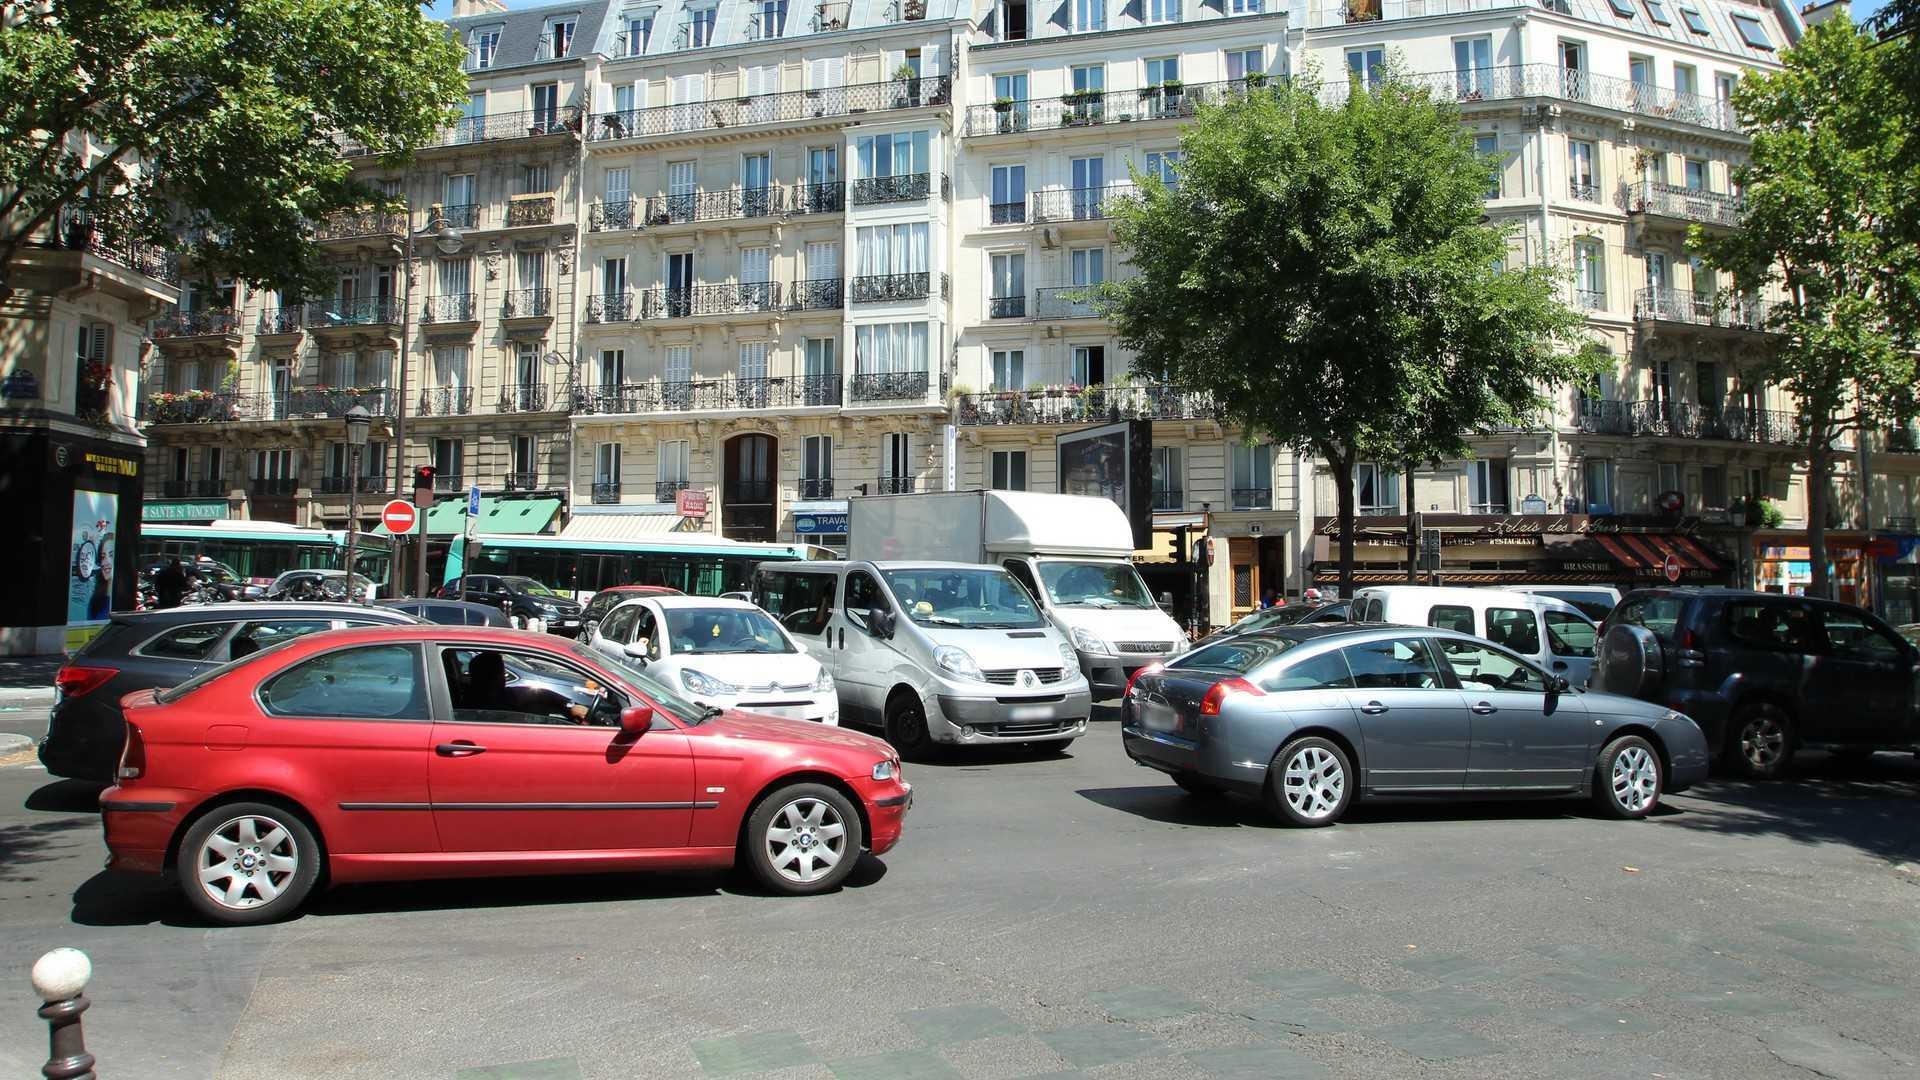 Quelles sont les villes les plus chères pour les automobilistes ?